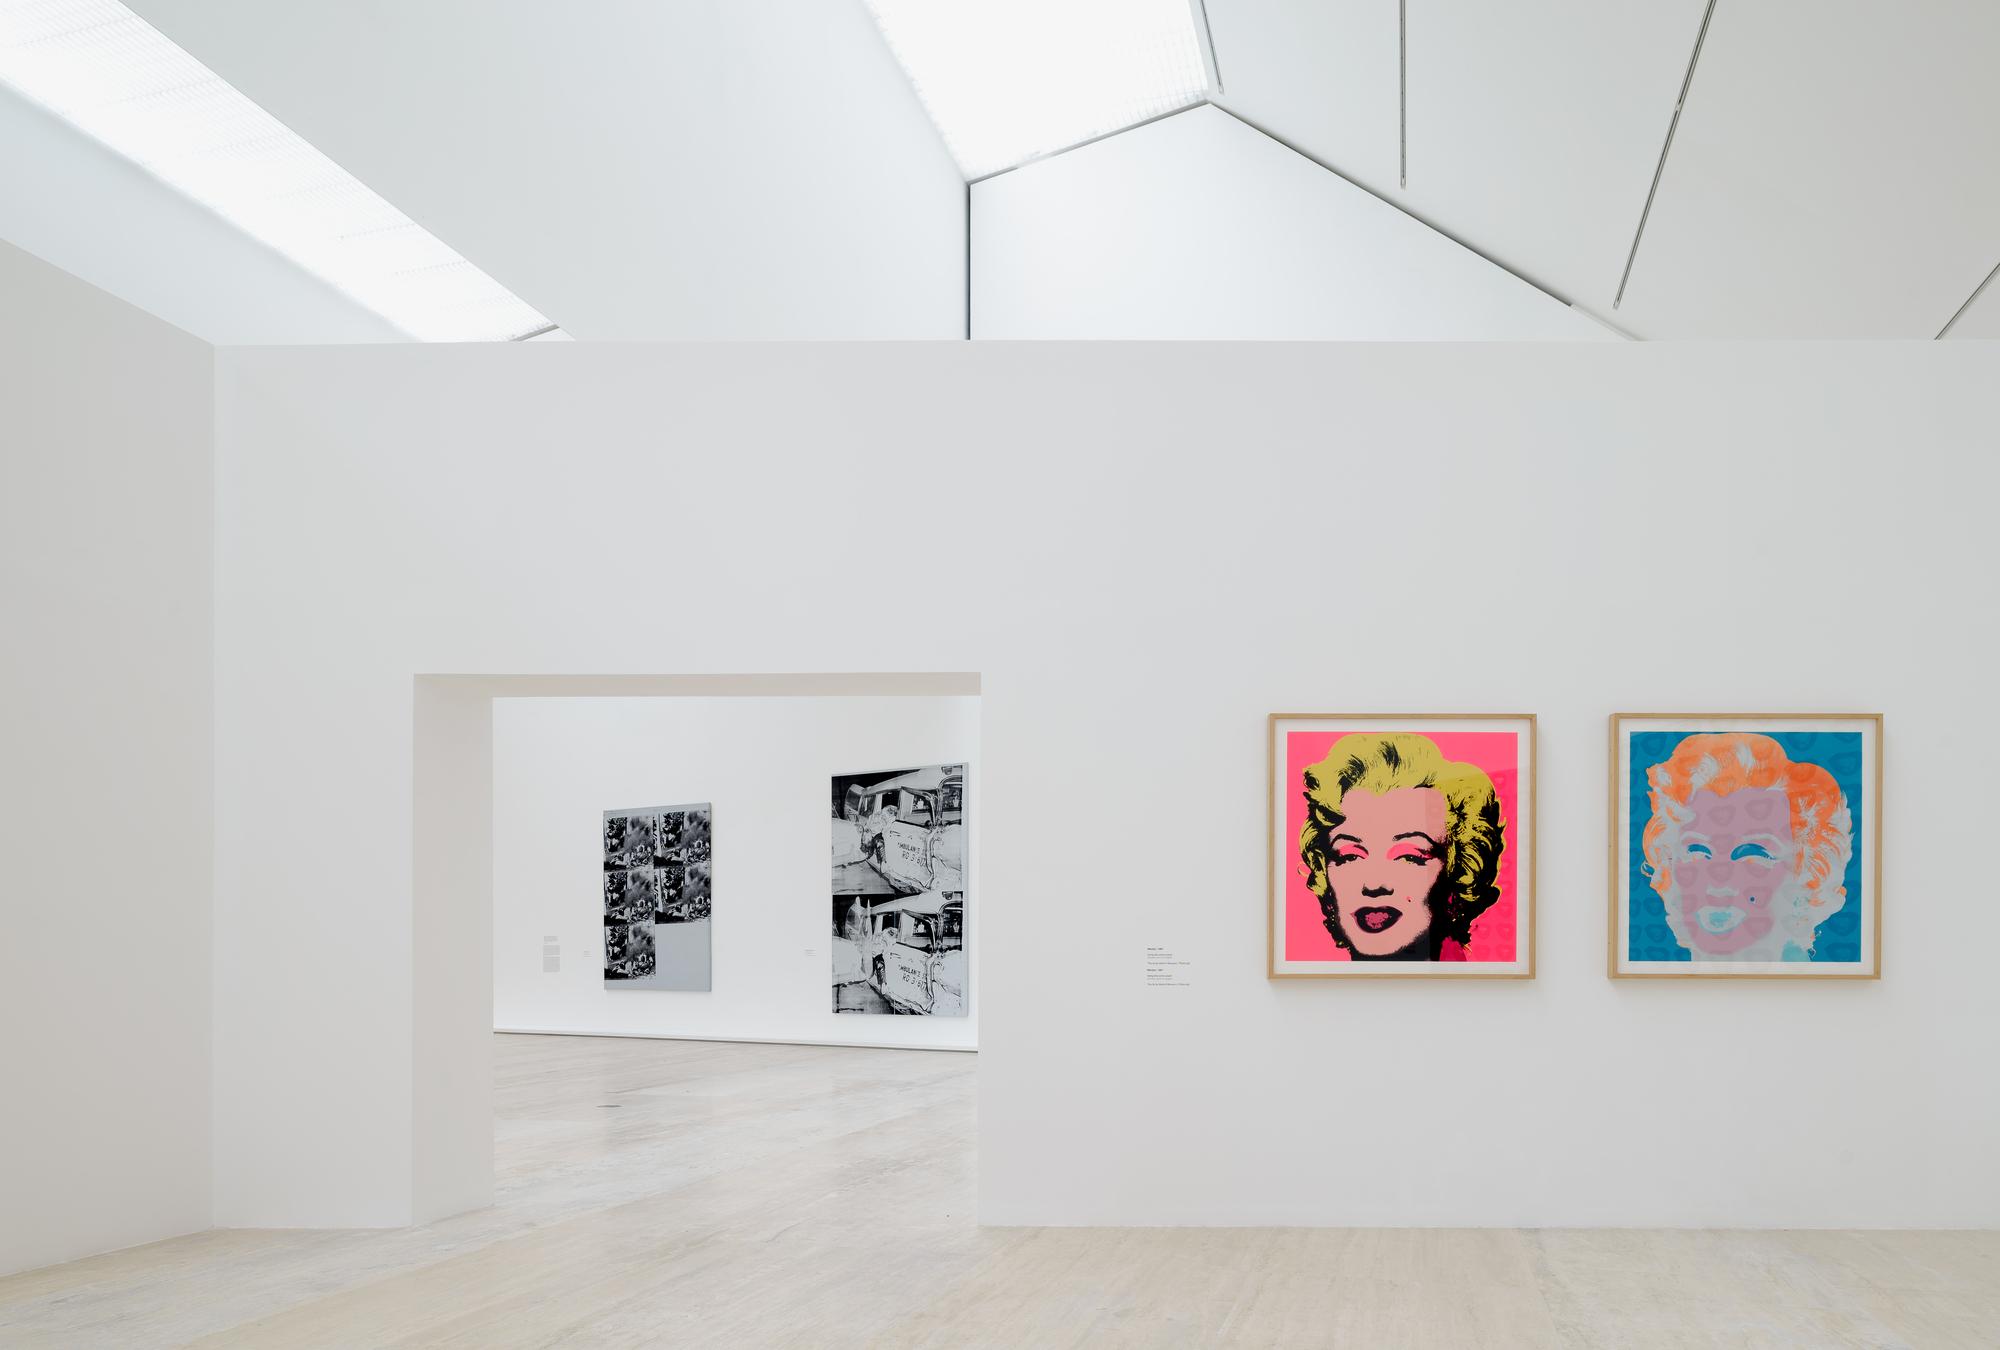 ¿Cómo se diseña la museografía de una exposición de Andy Warhol?